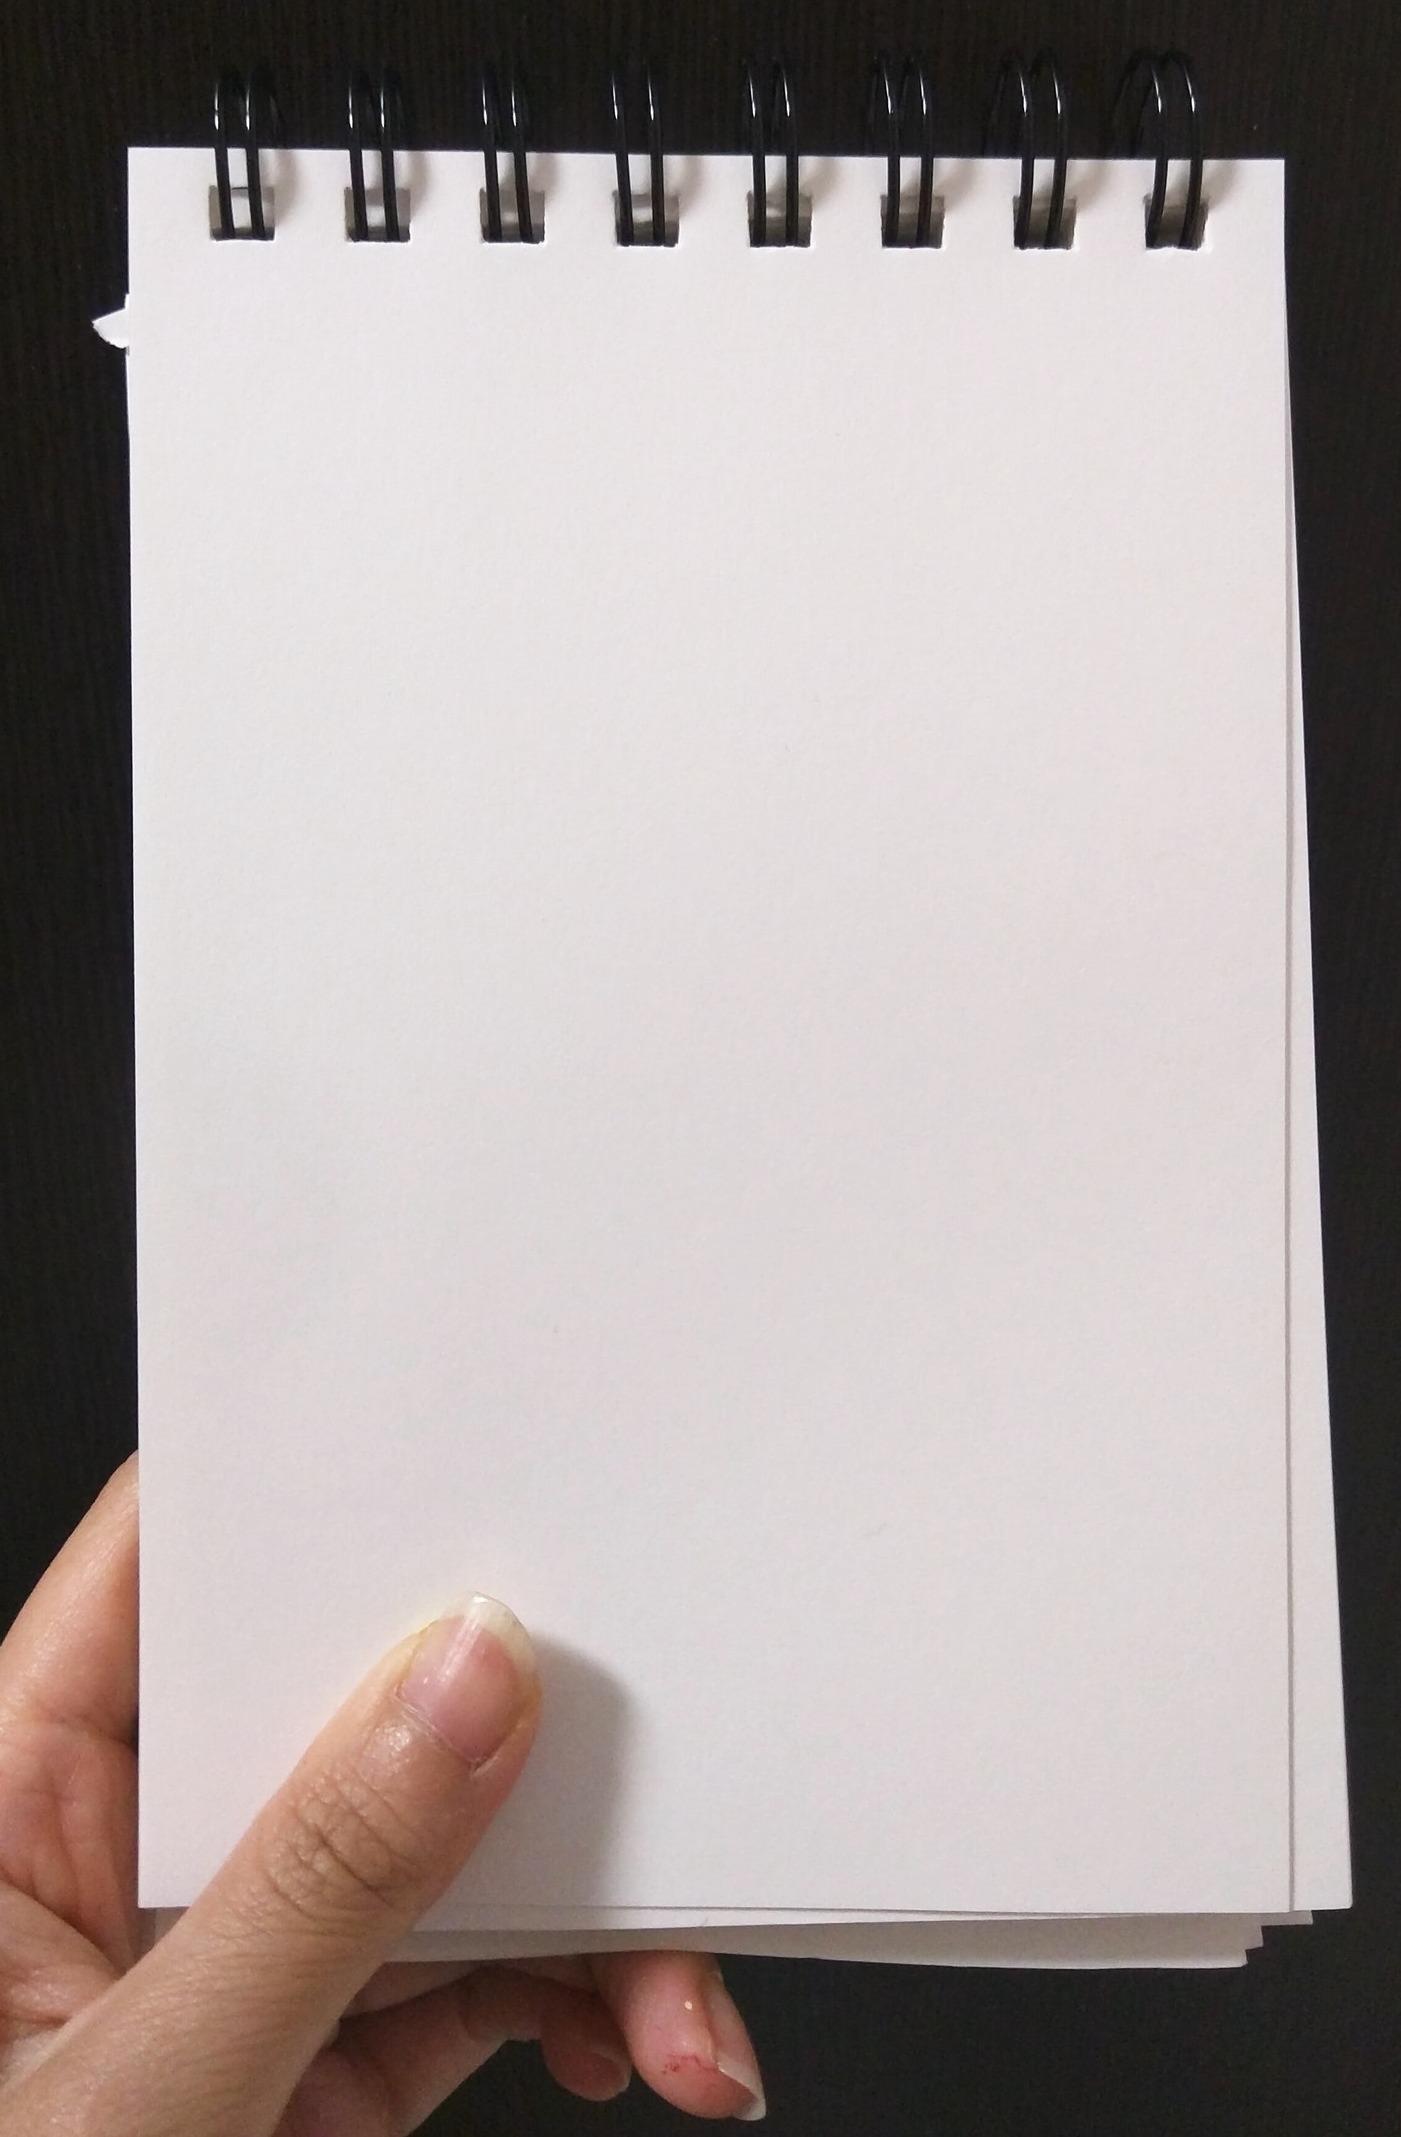 folha em branco